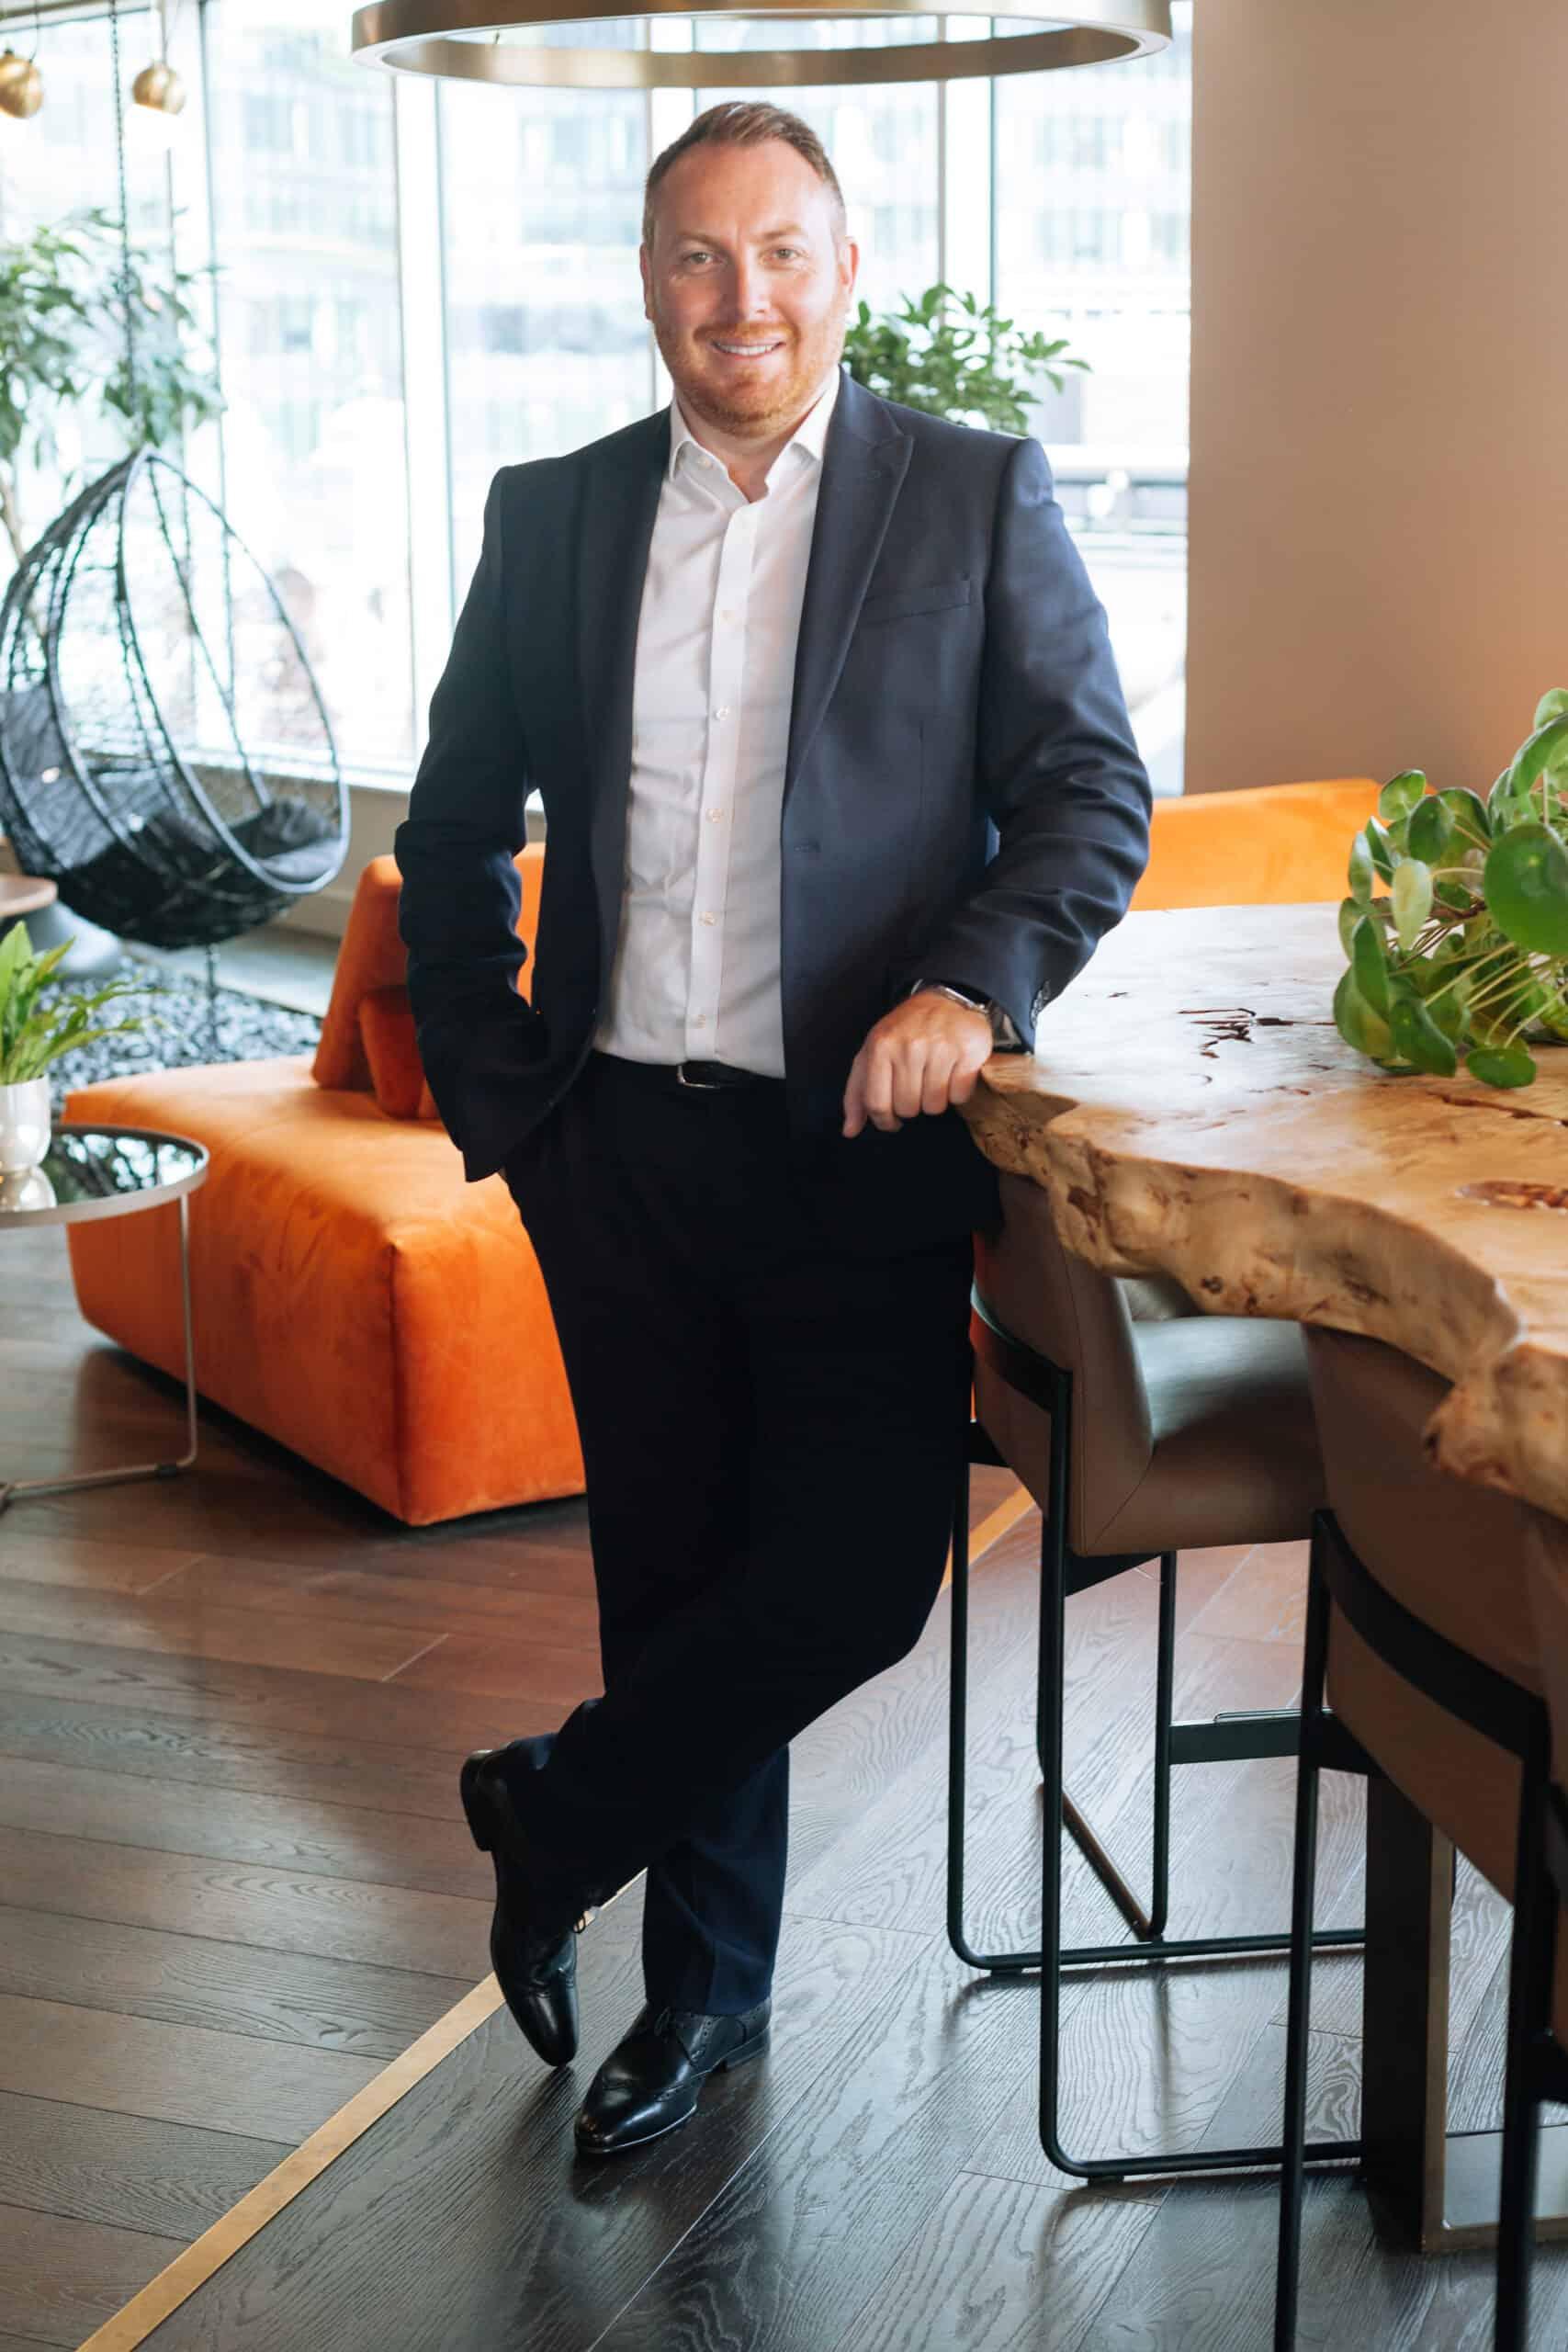 Photo of Steve Slough